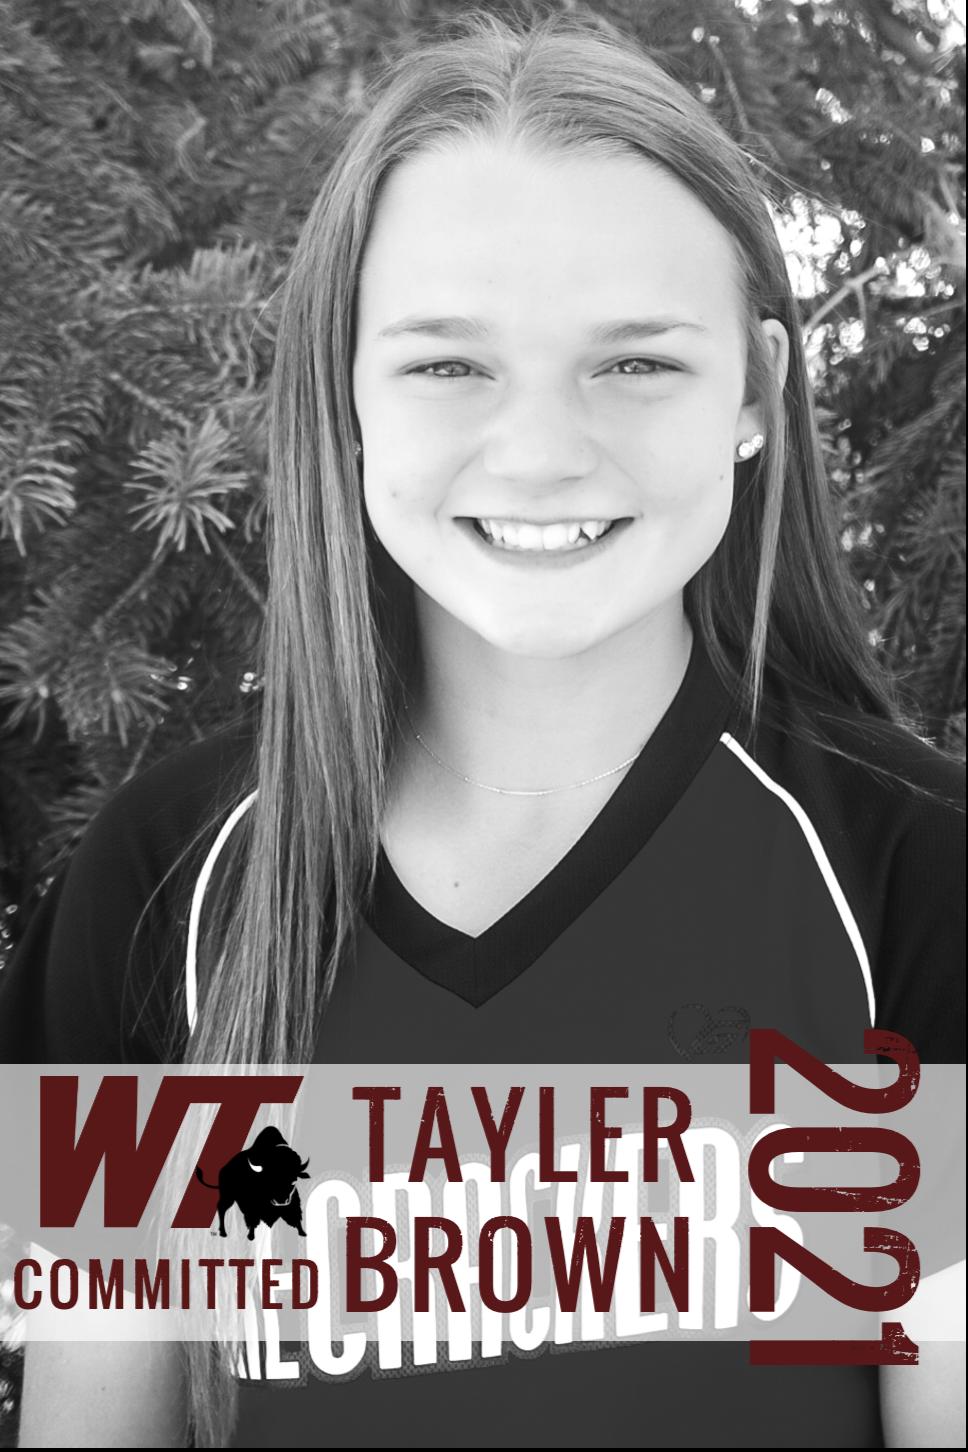 Tayler%20Brown%20WT_edited